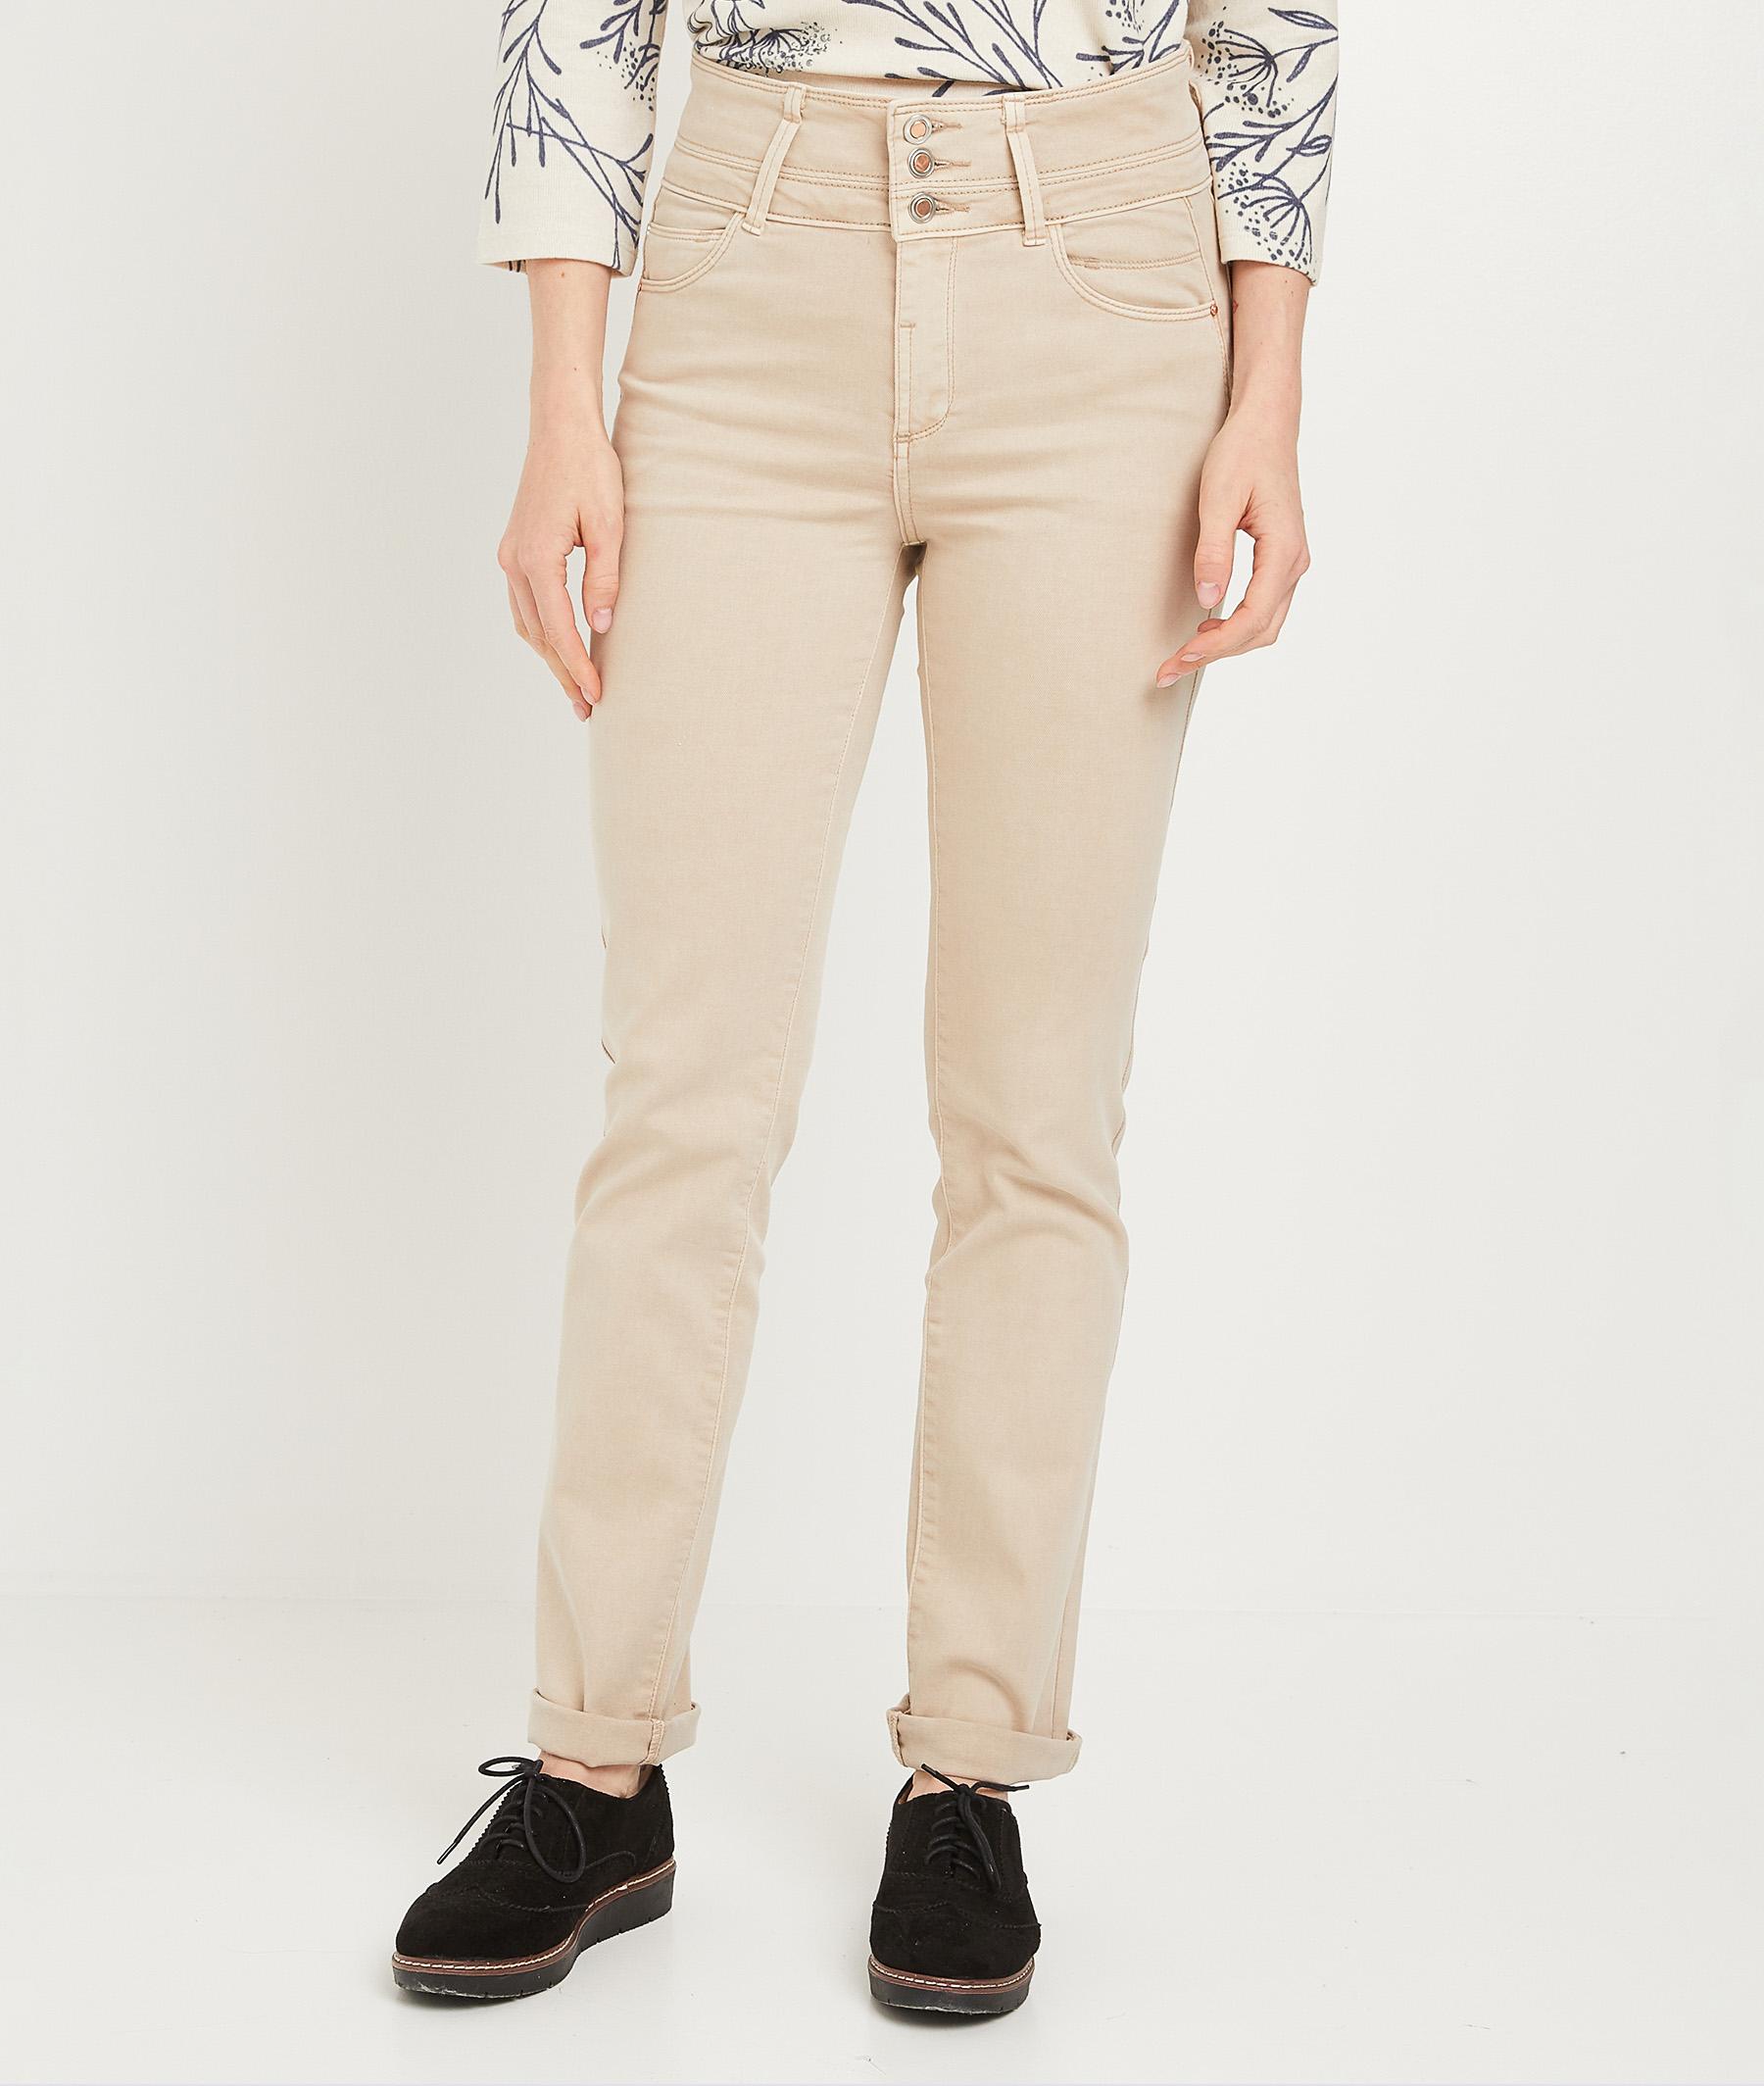 Pantalon droit taille haute uni femme BEIGE